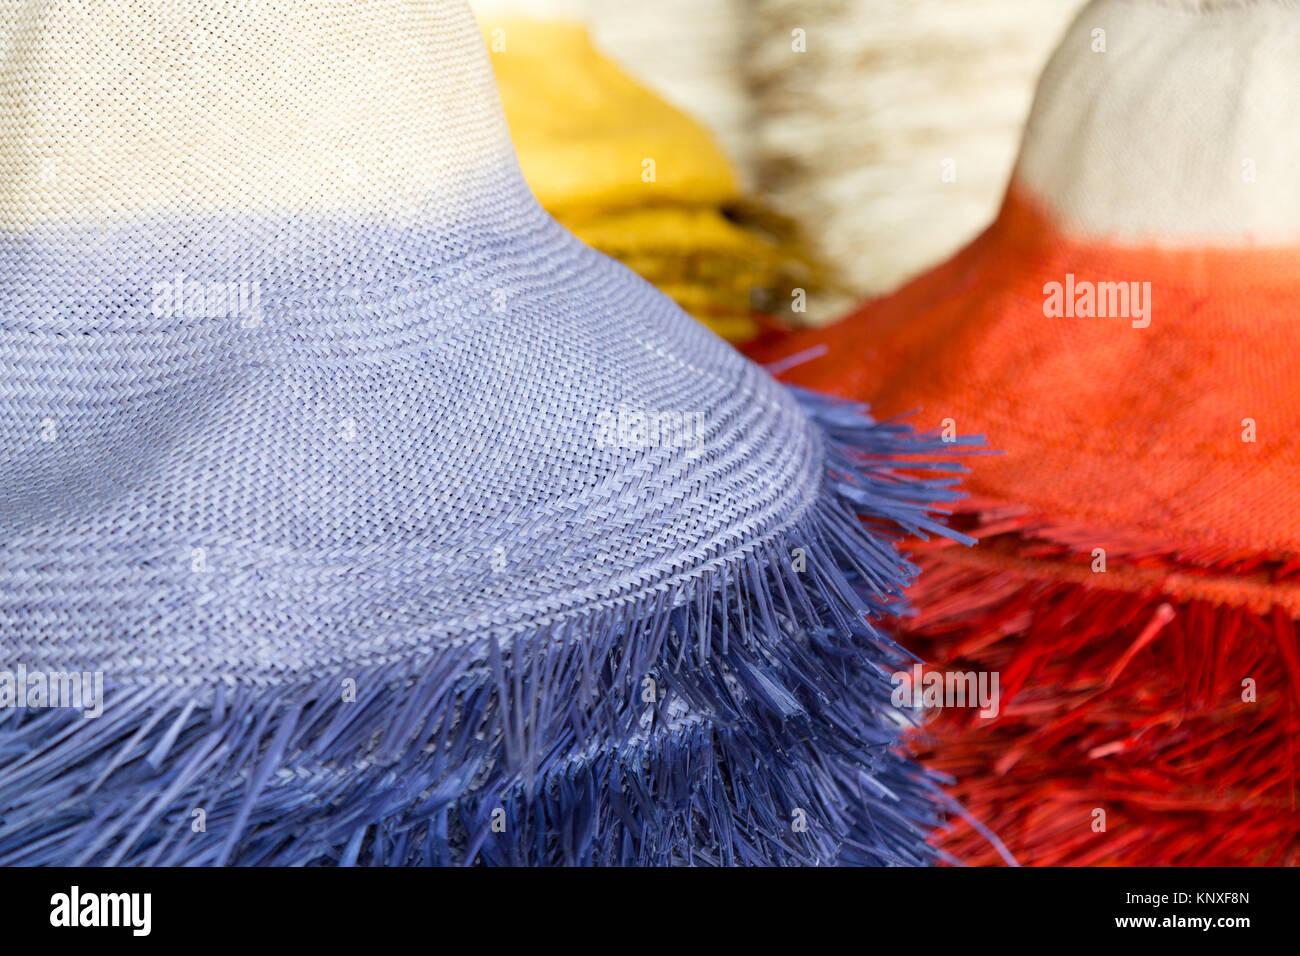 Panama Hats - sombreros Panamá de color realizados en una fábrica de  sombreros de Panamá f0c20113f53